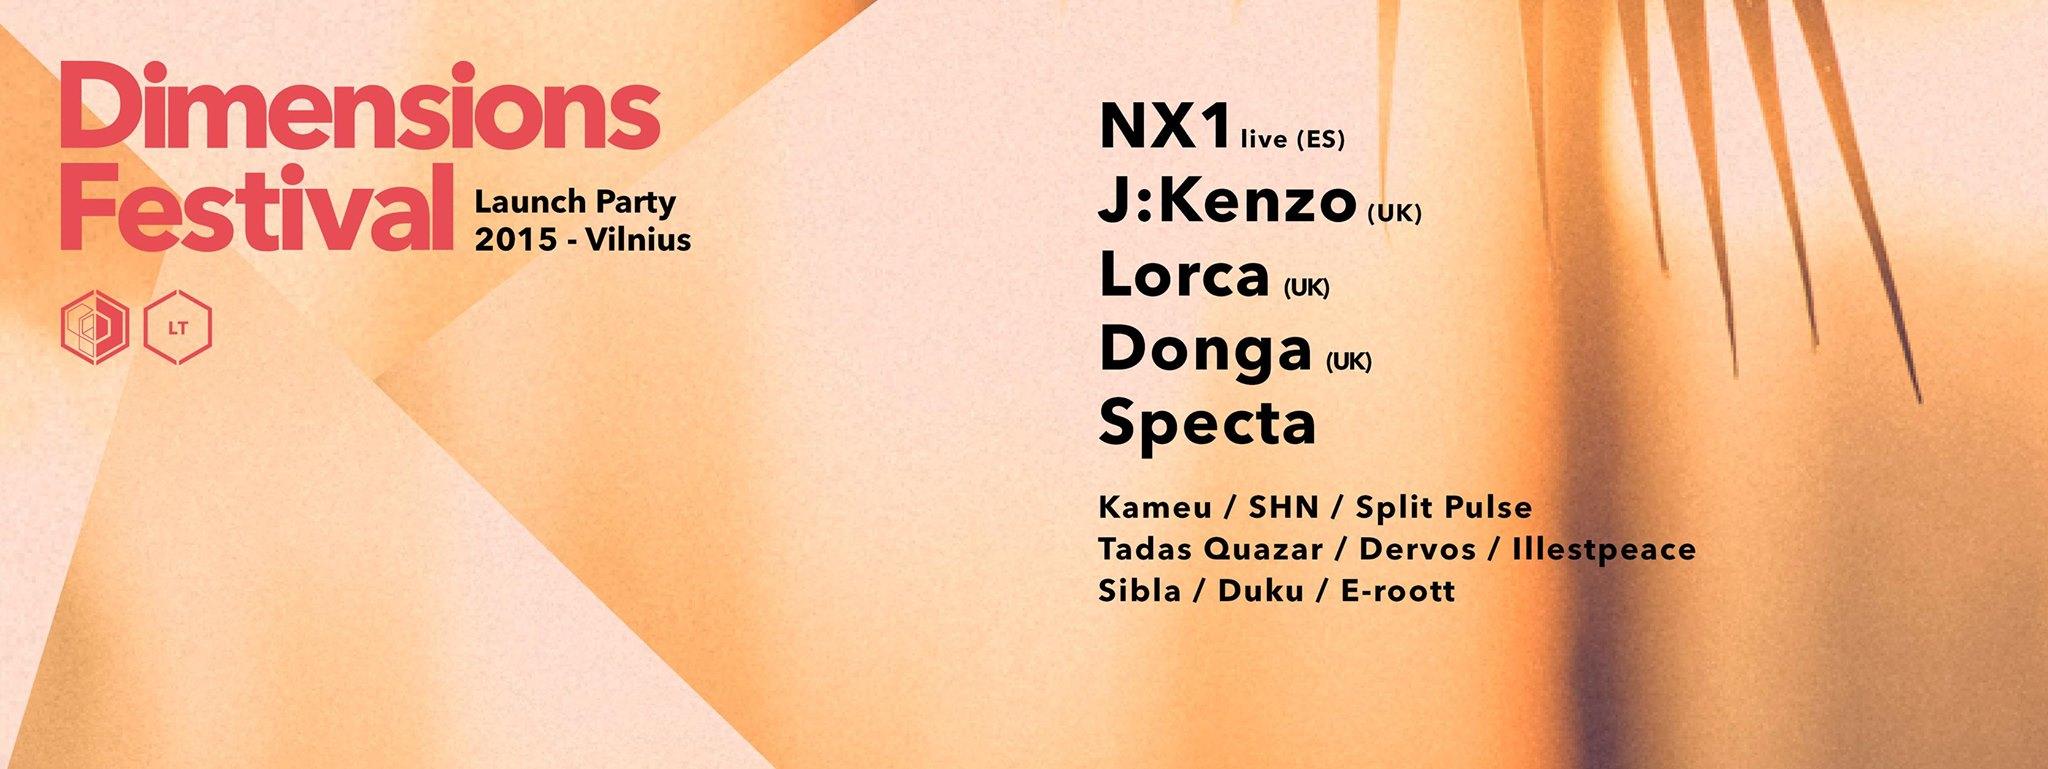 Dimensions_festival_launch_party Vilnius